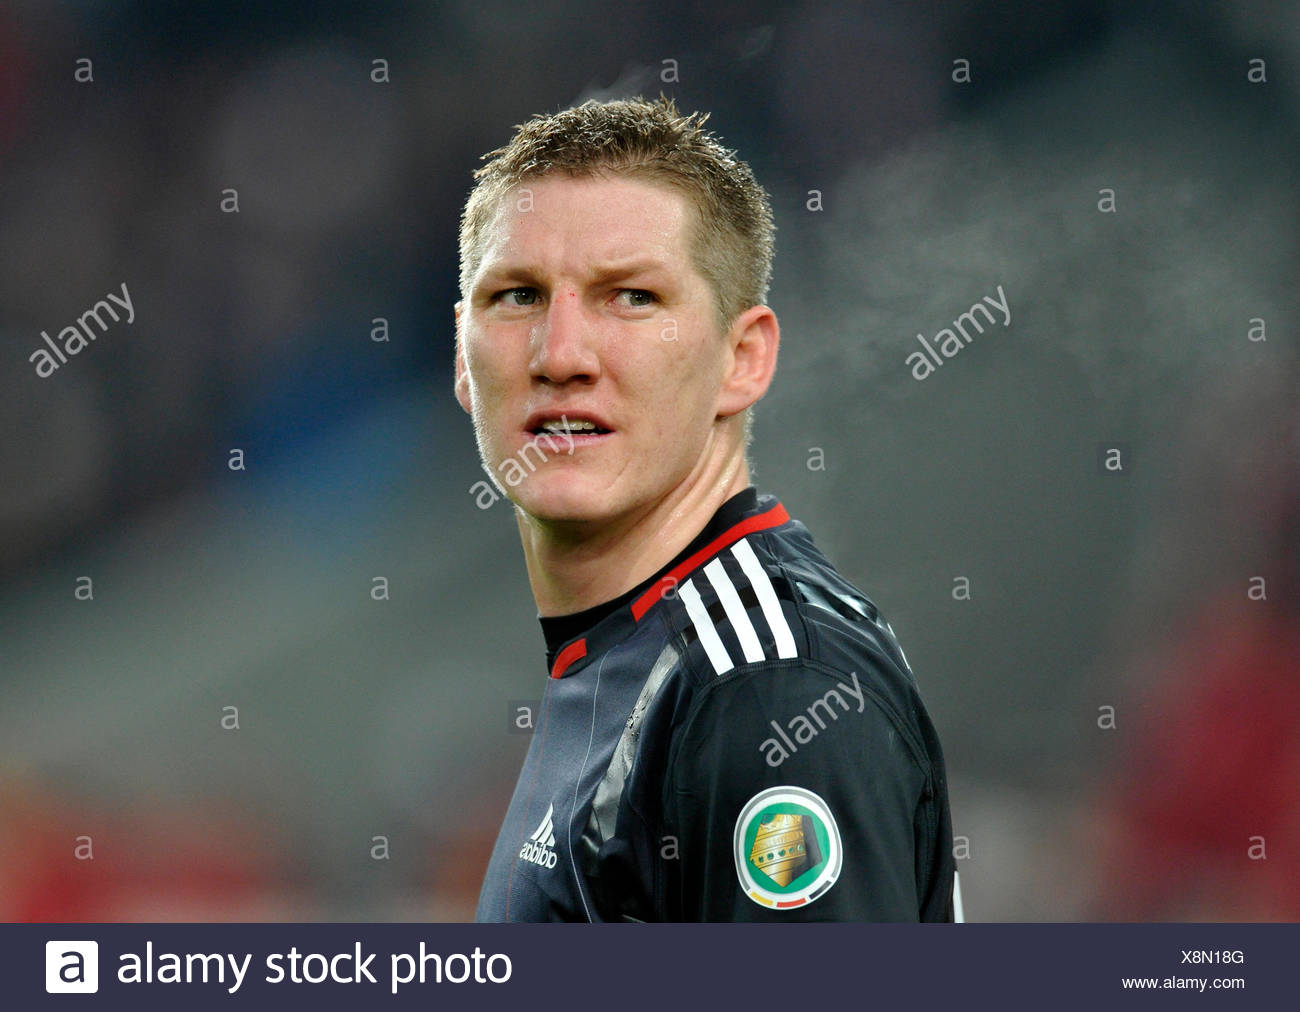 Fc Munich Player Bastian Schweinsteiger Stock Photos & Fc